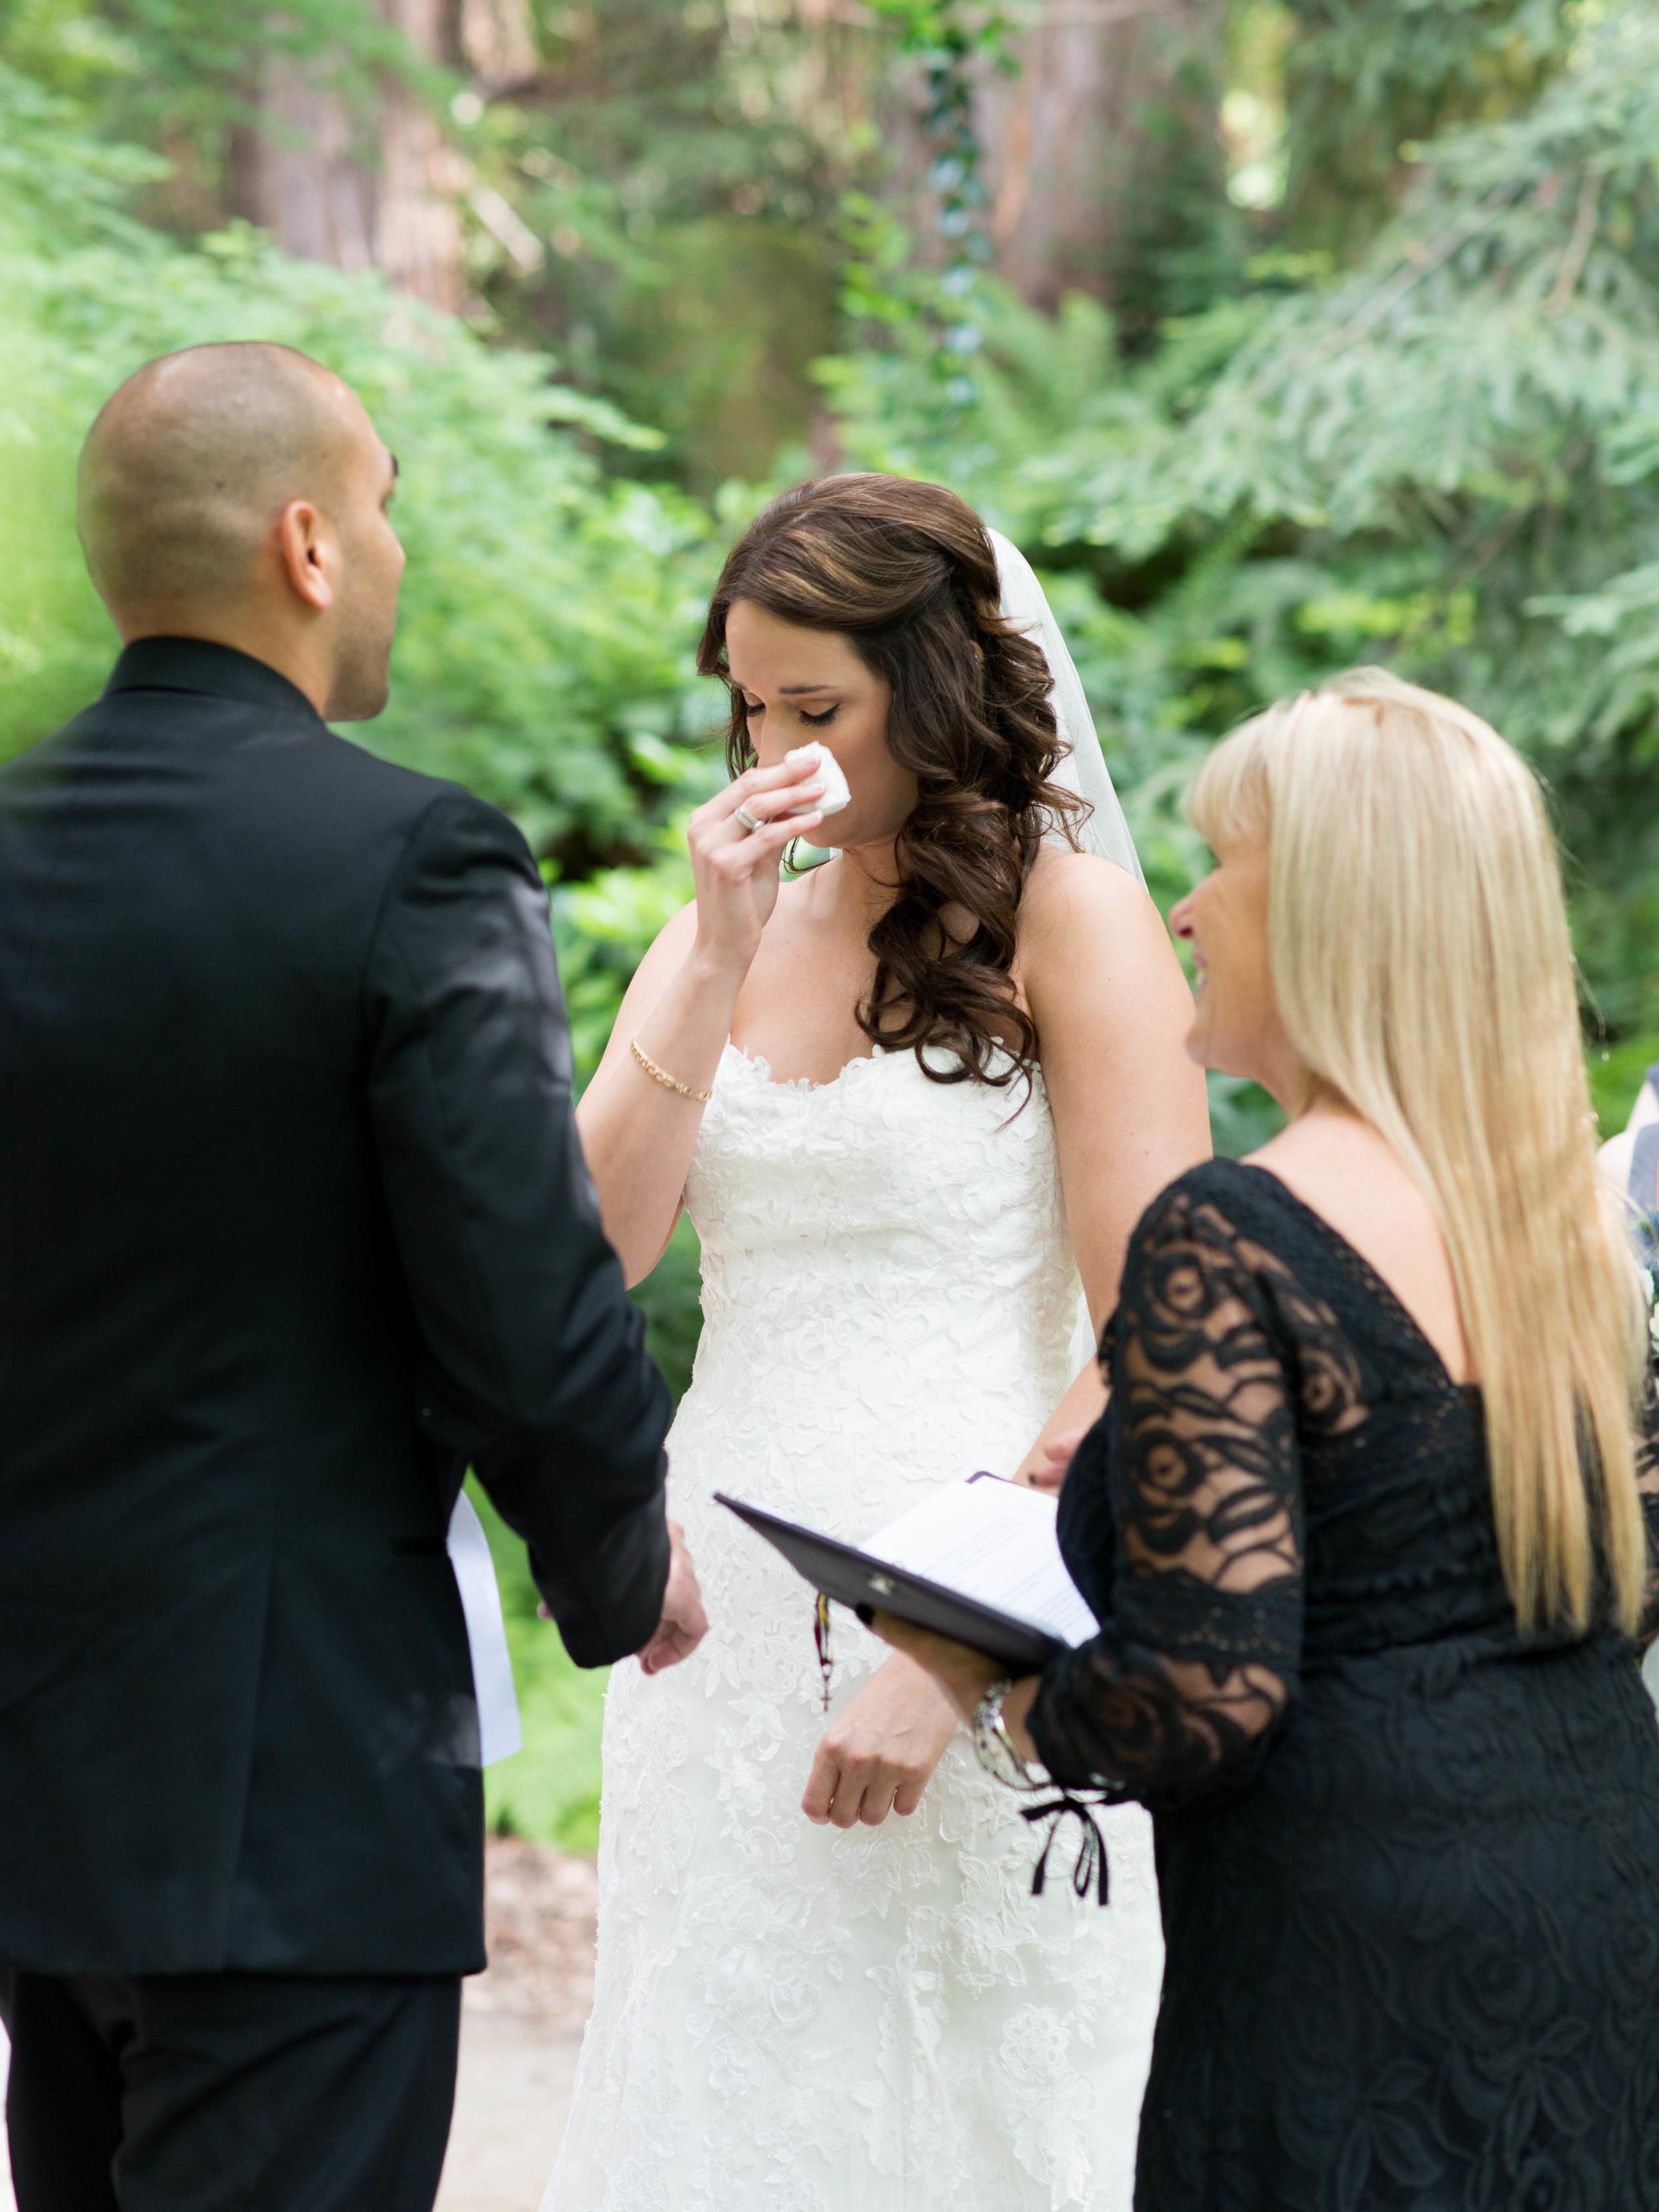 Meghan Mehan Photography - Alisa & Aaron_Nestldown Wedding - 319.jpg